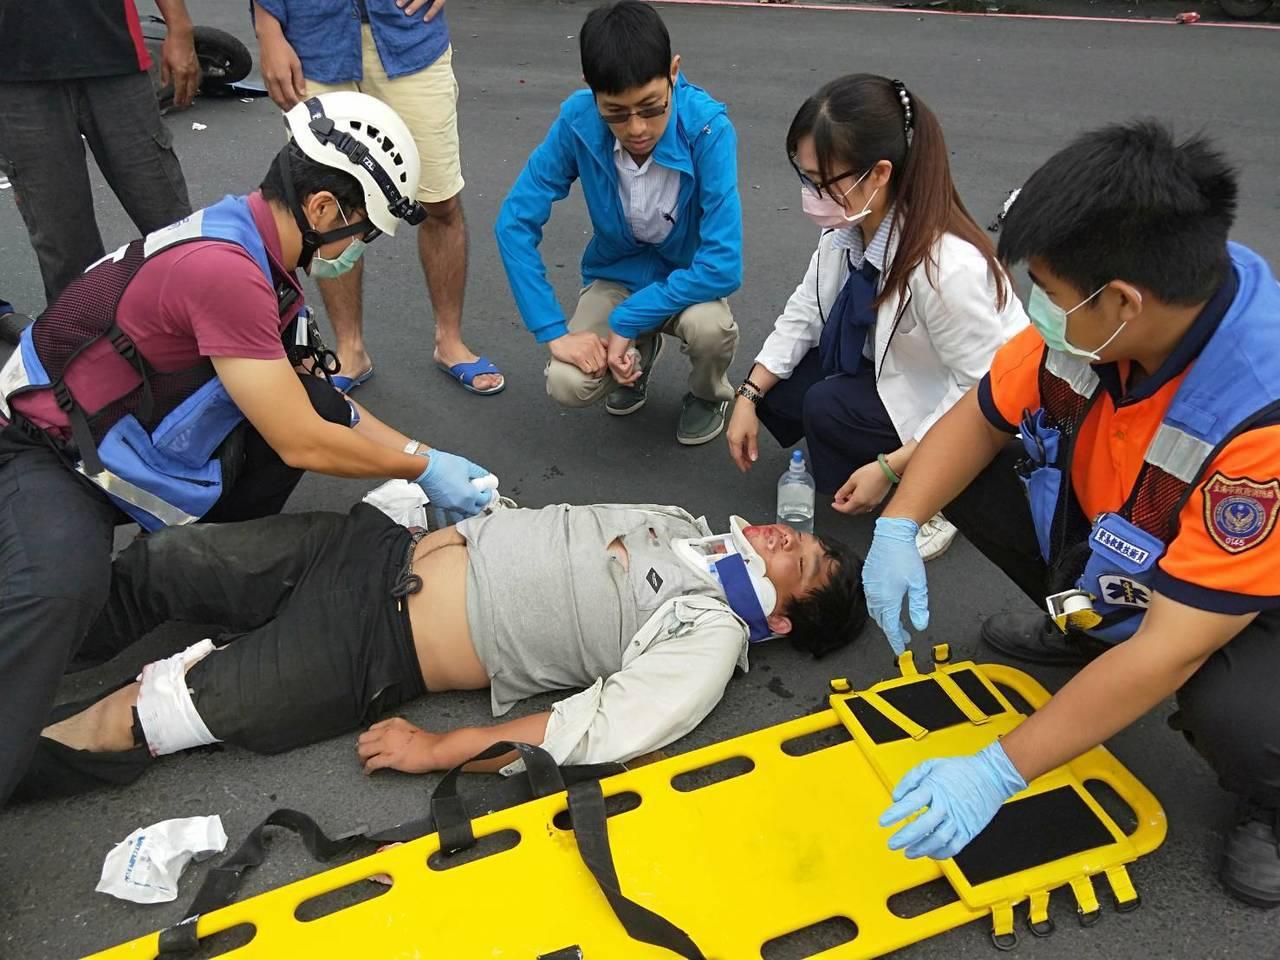 台南機車騎士車禍受重傷,女護理師現場做心肺復甦術急救後送醫。圖/本報讀者提供